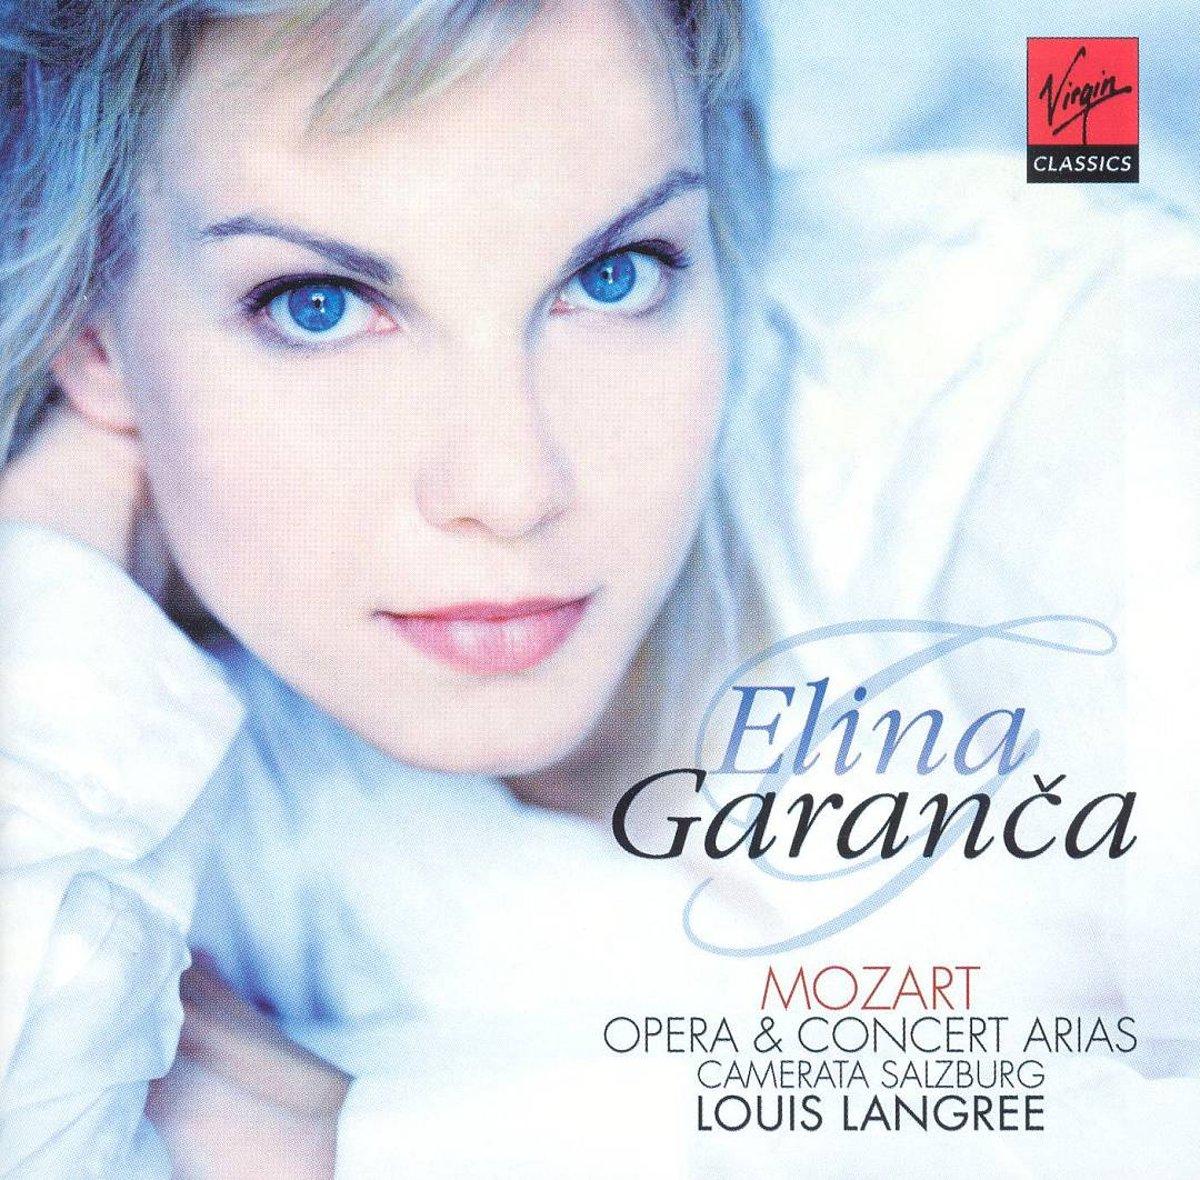 Opera & Concert Arias kopen